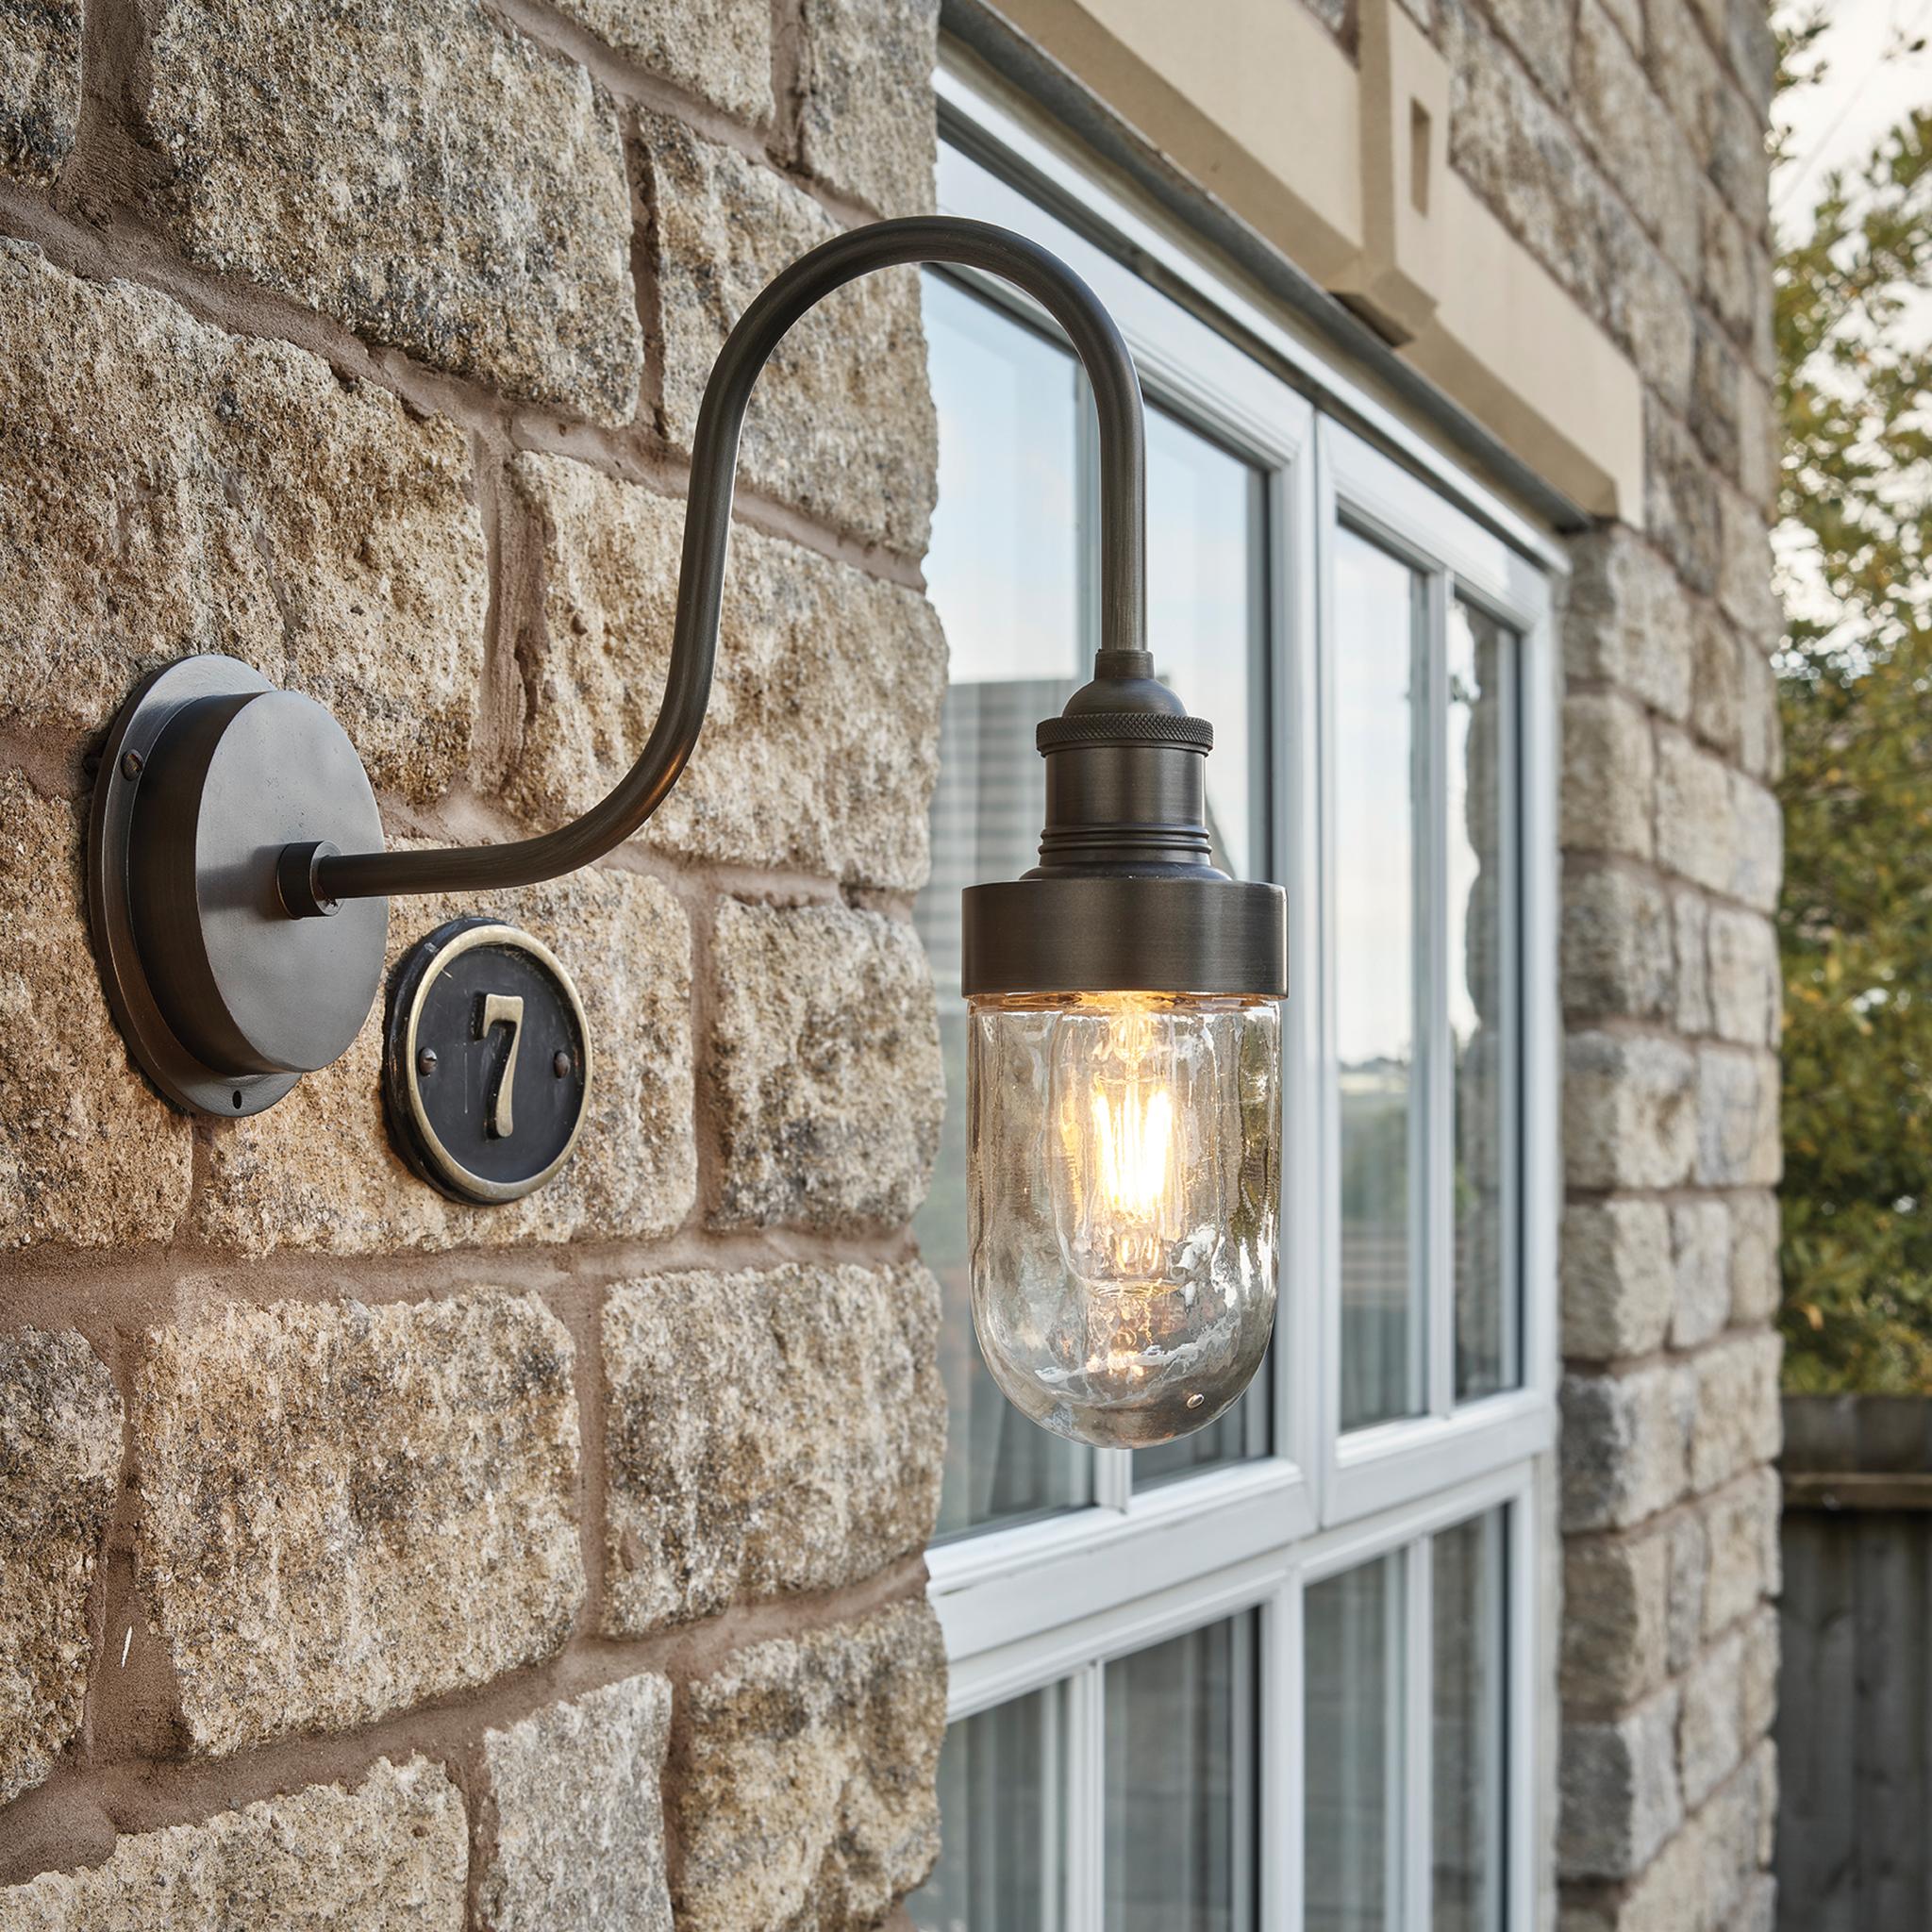 Outdoor & Garden Design Lighting Trends | Industville